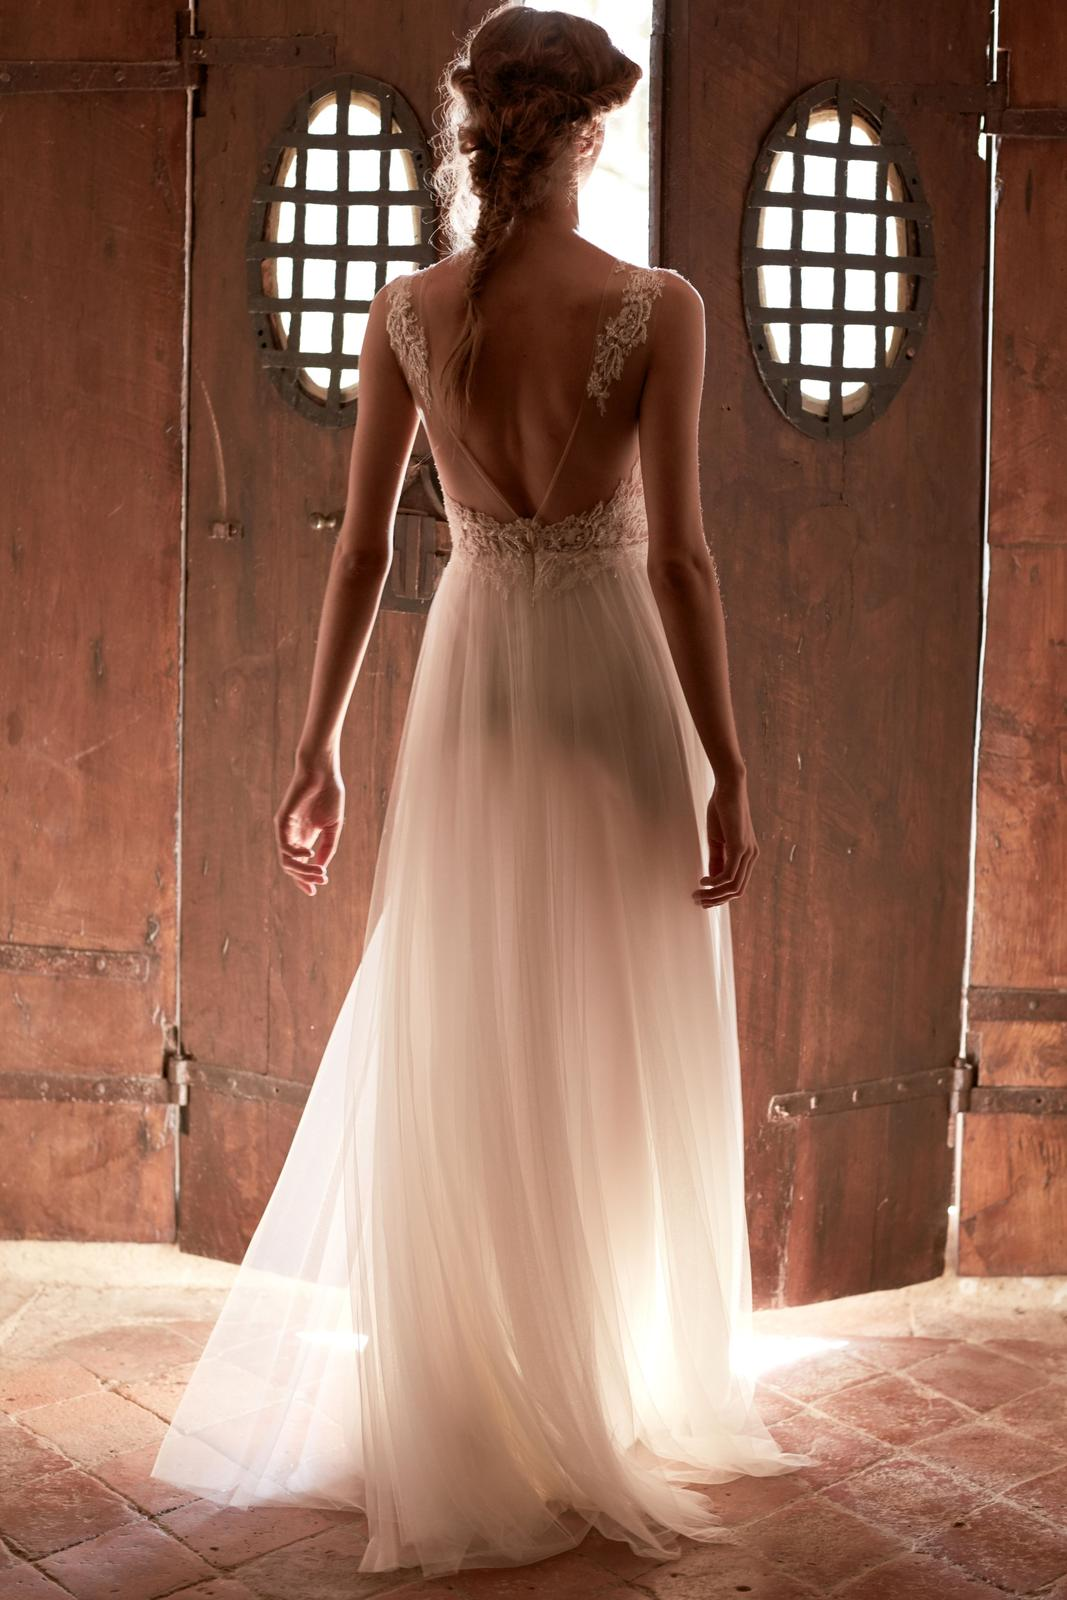 Anna Kara * Svadobné šaty z kolekcií na rok 2019 - Obrázok č. 51